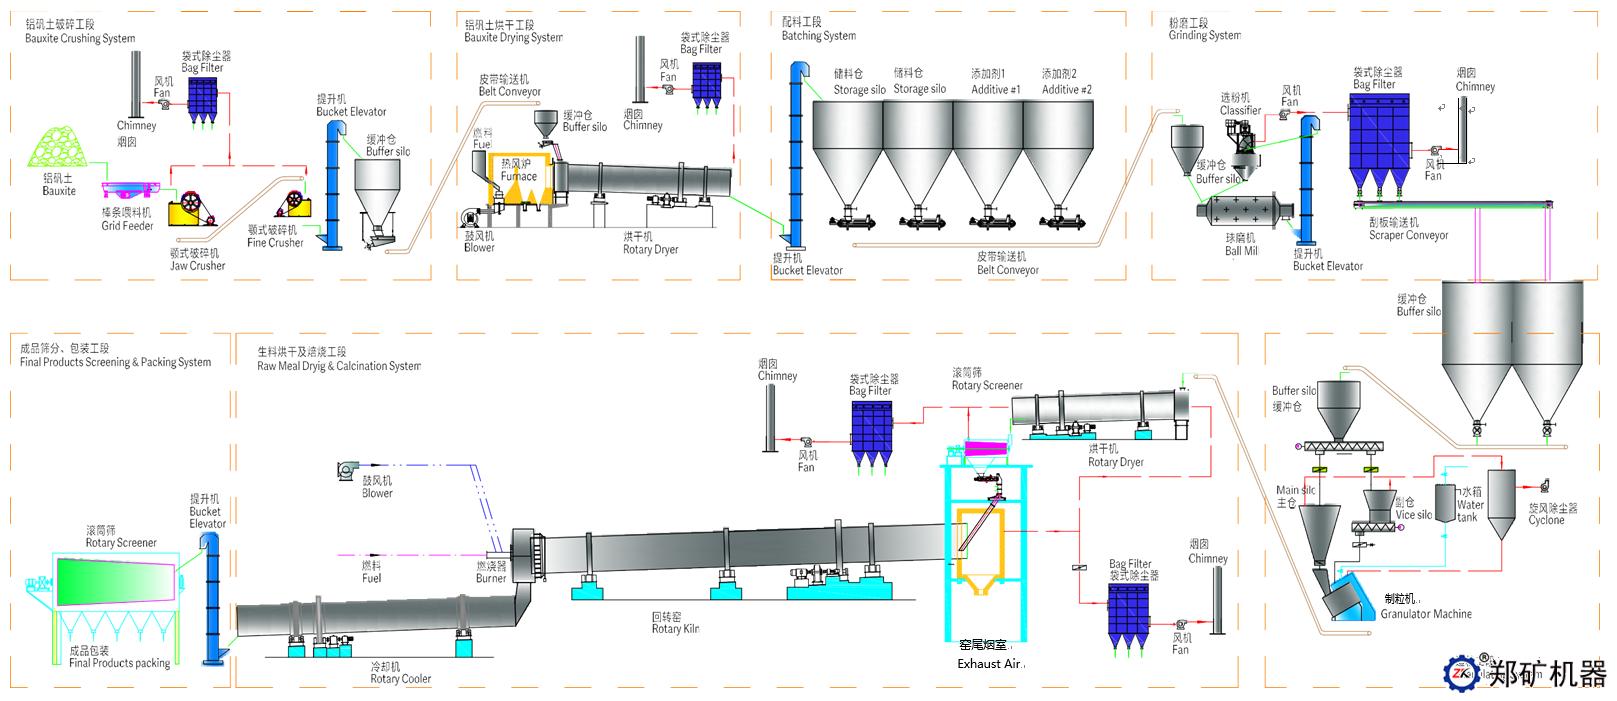 陶粒砂生产线工艺流程